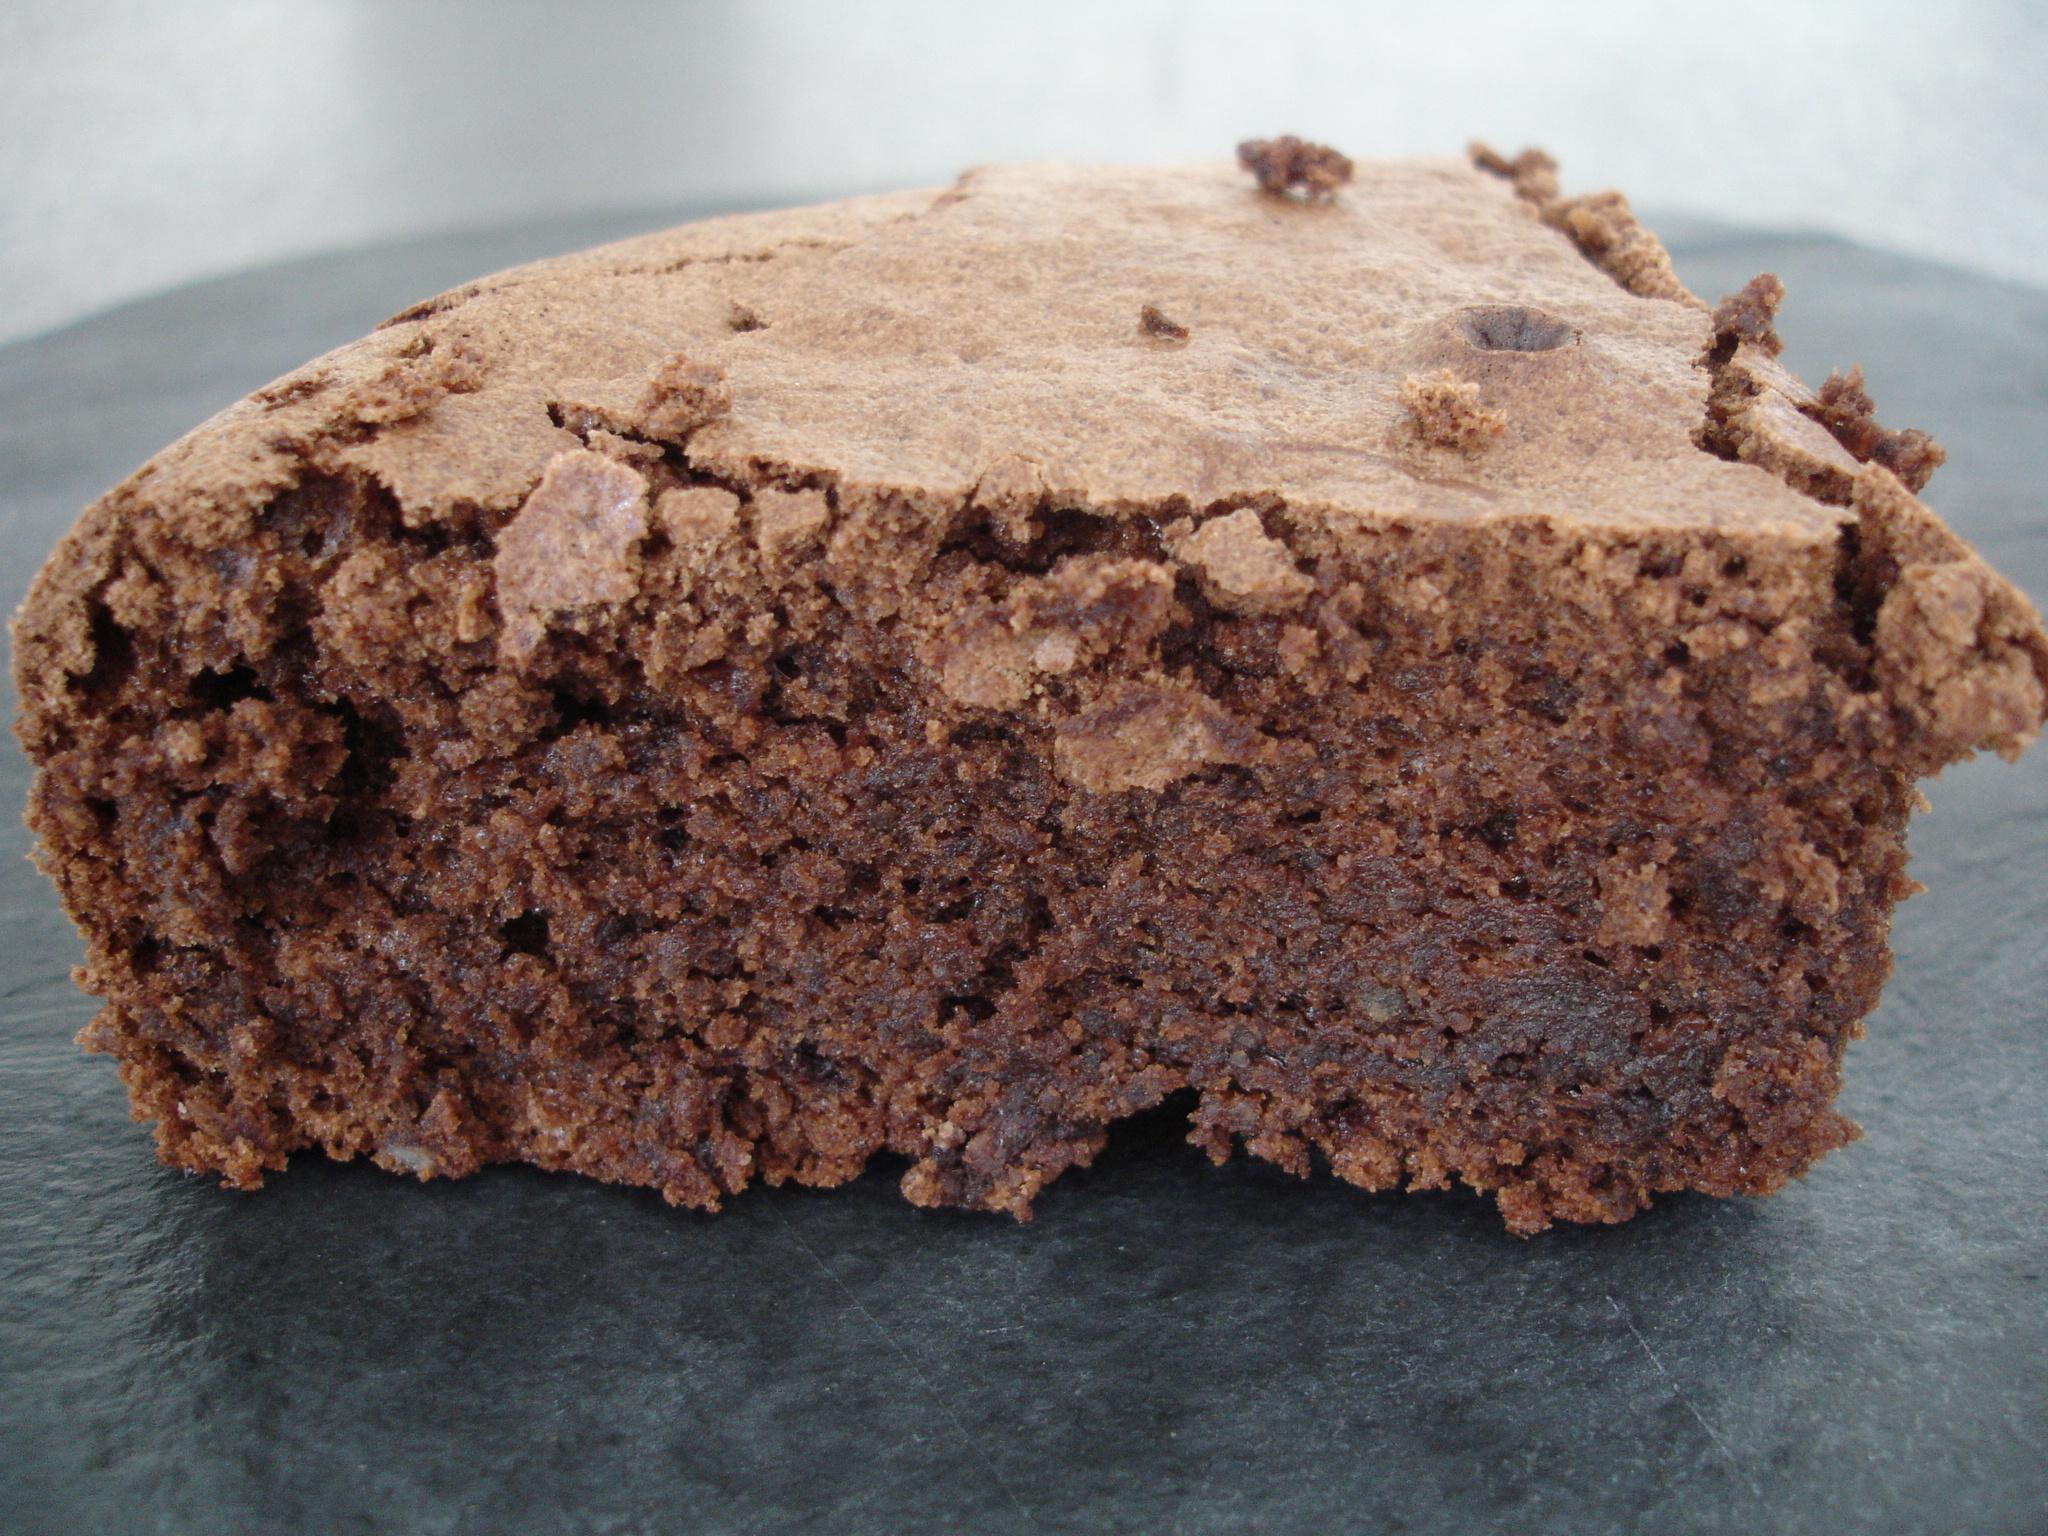 Moelleux au chocolat plaisir et equilibre - Decoration moelleux au chocolat ...